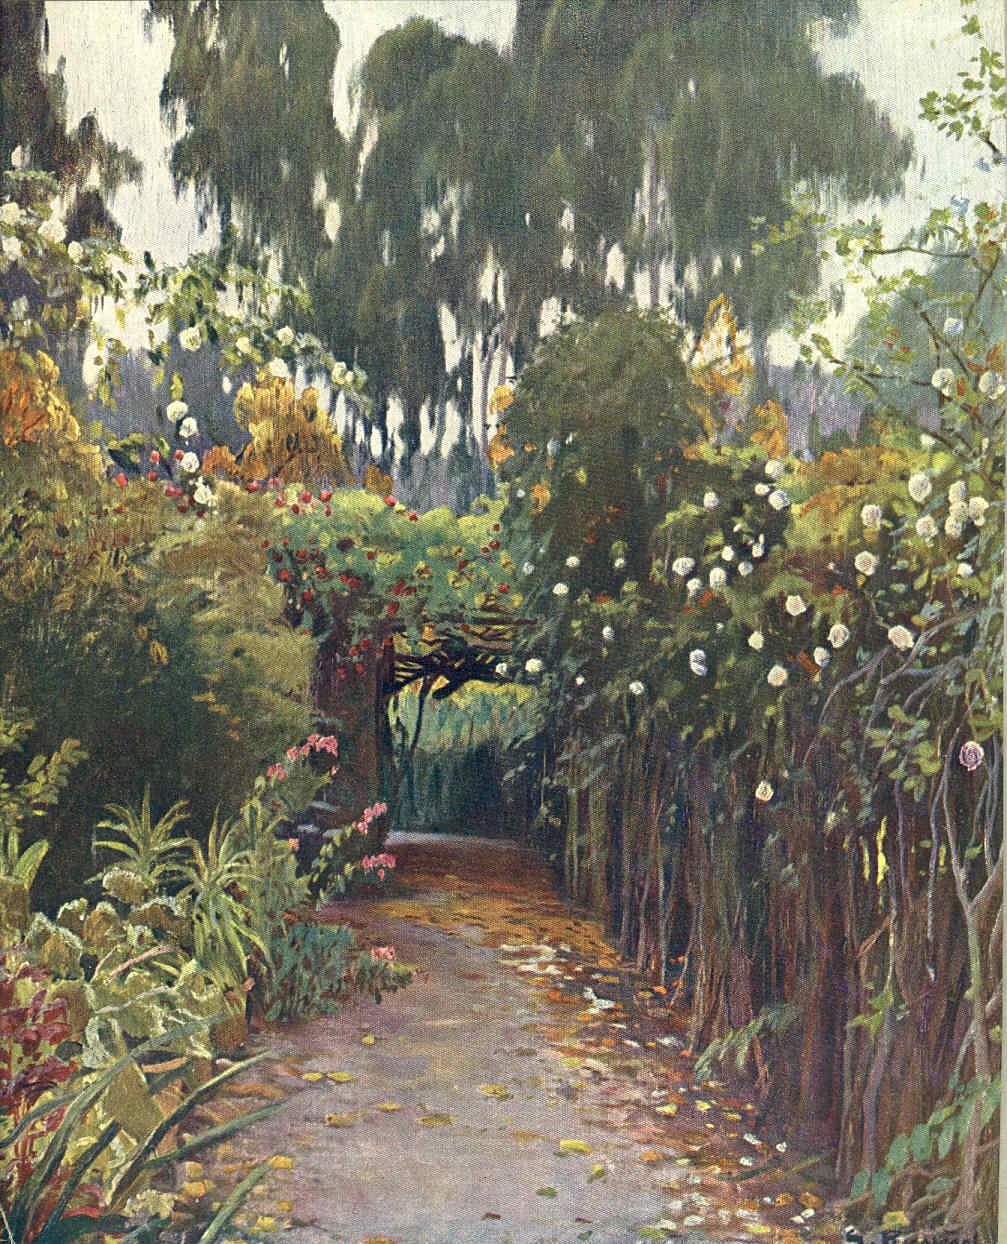 La Pintura 46 Pintores de paisaje olvidados